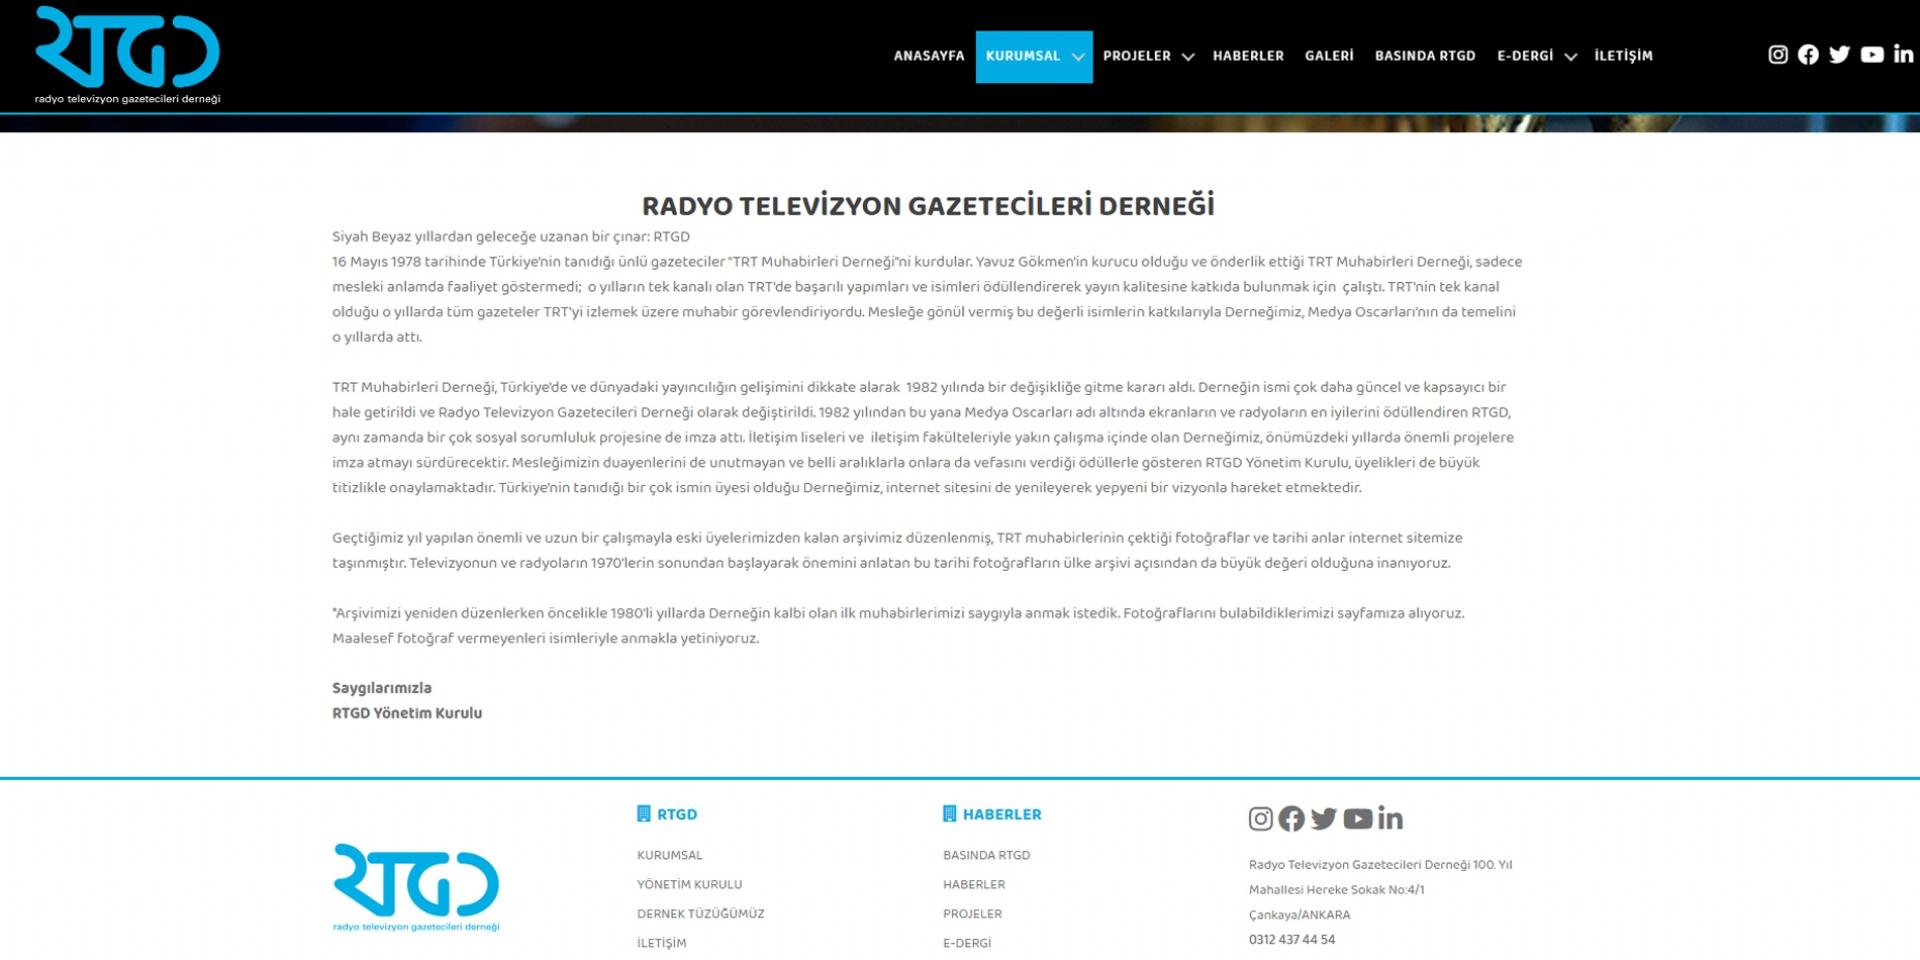 Radyo Televizyon Gazetecileri Derneği